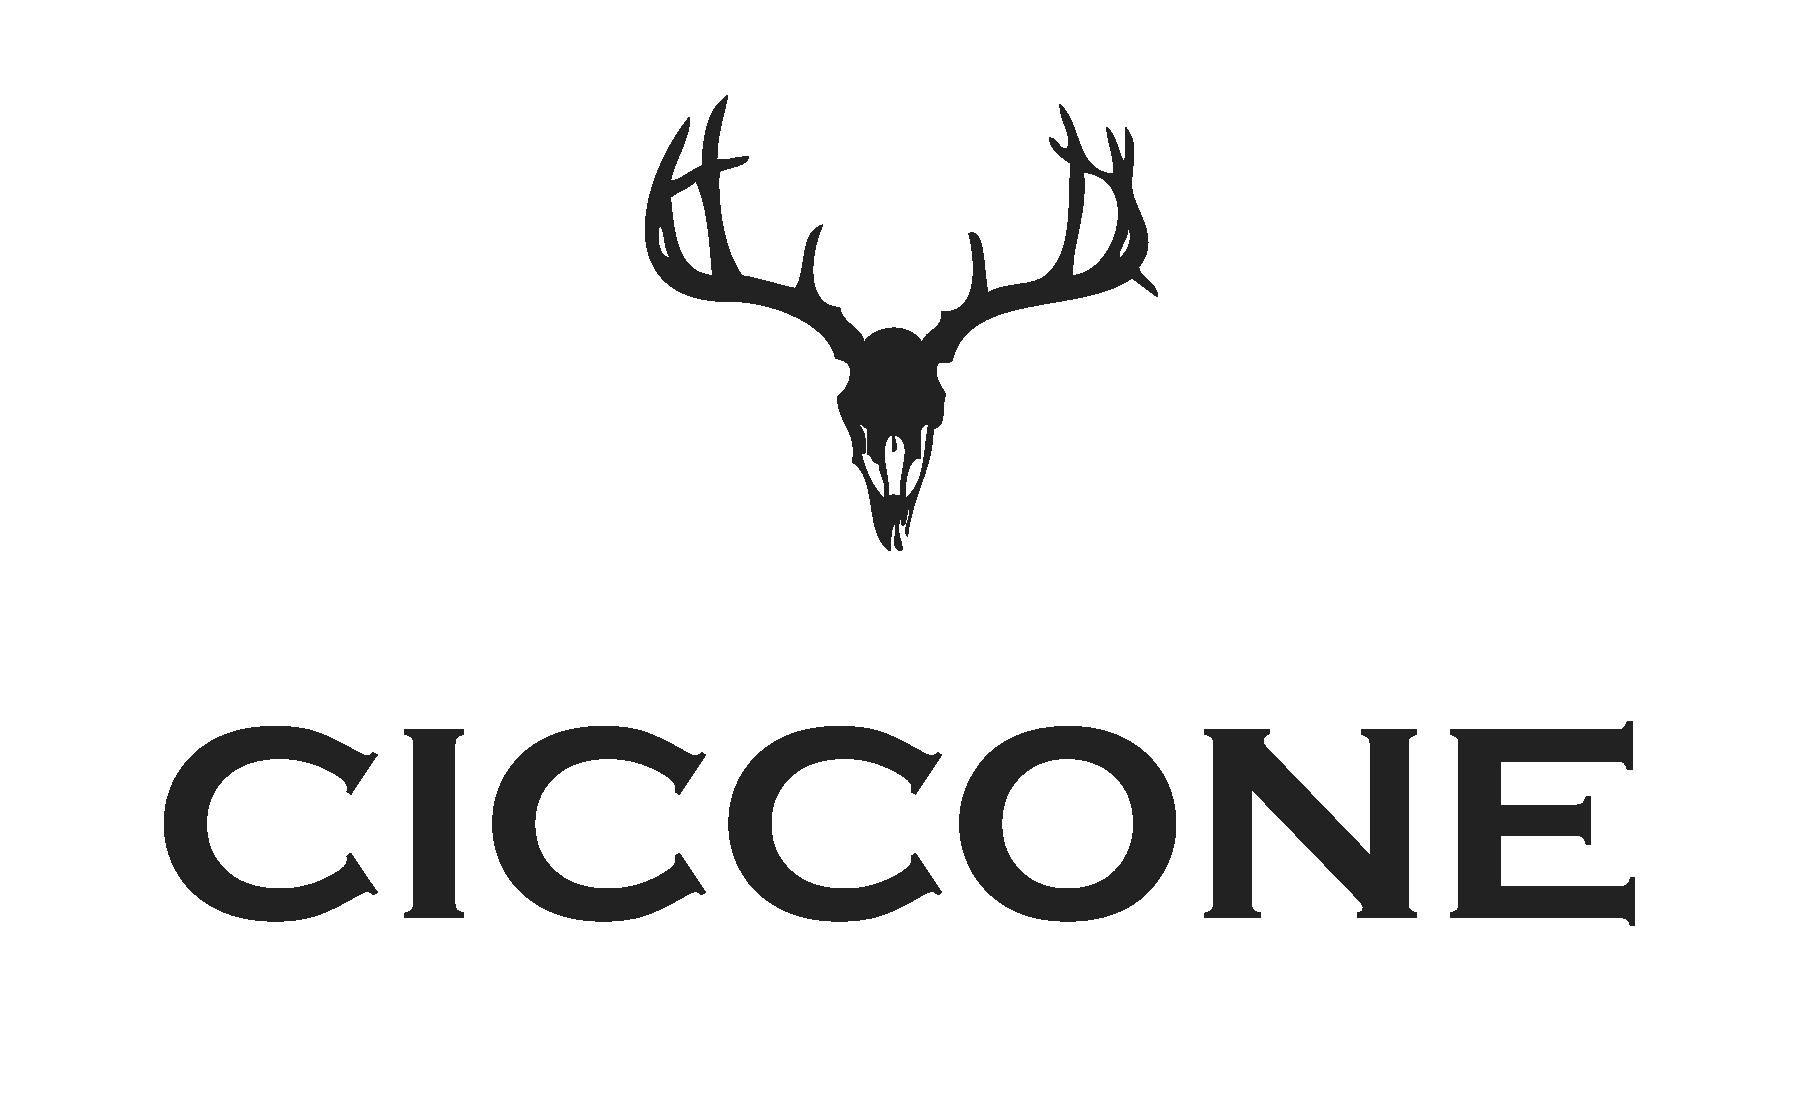 ciccone-main-logo